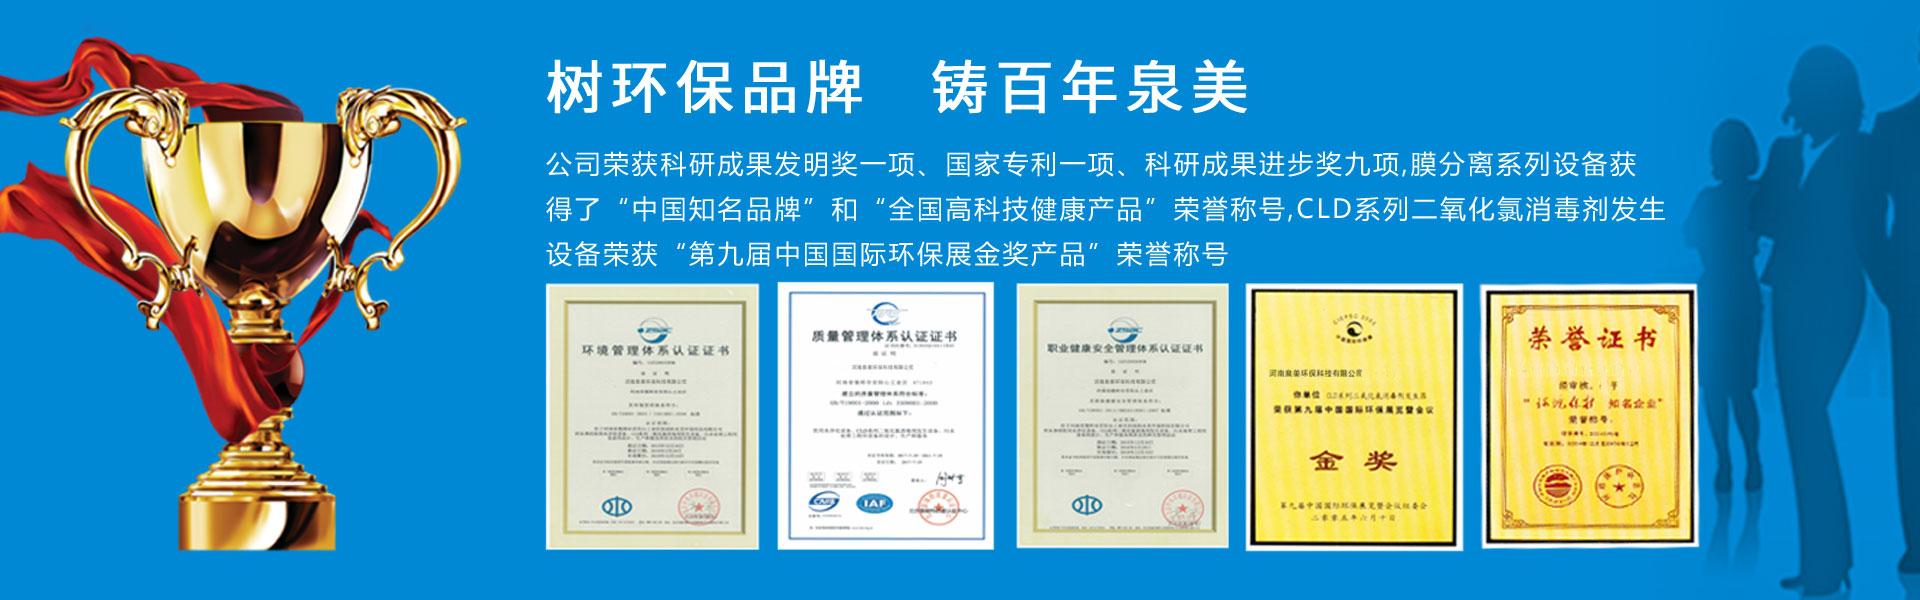 河南泉美环保科技有限公司